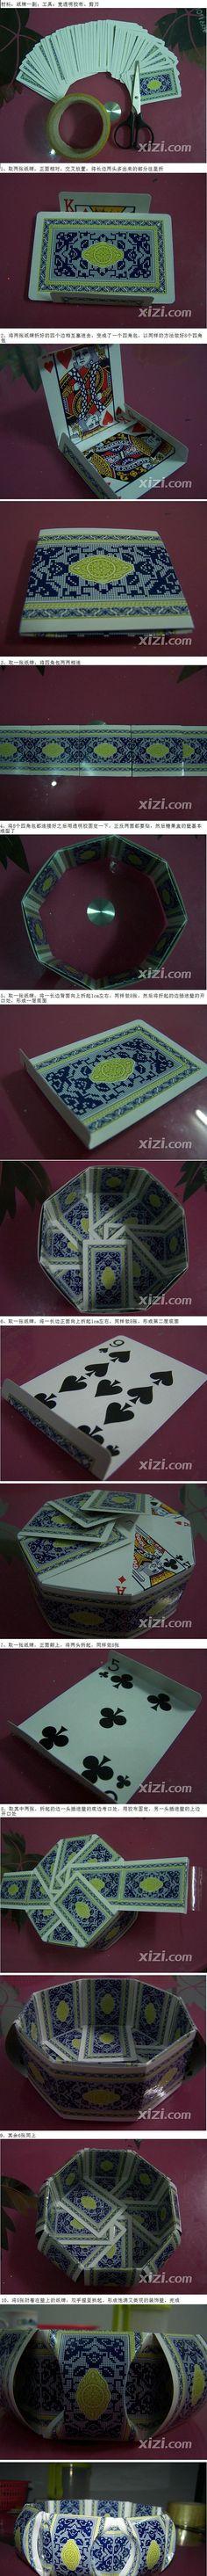 DIY Playing Cards Bowl